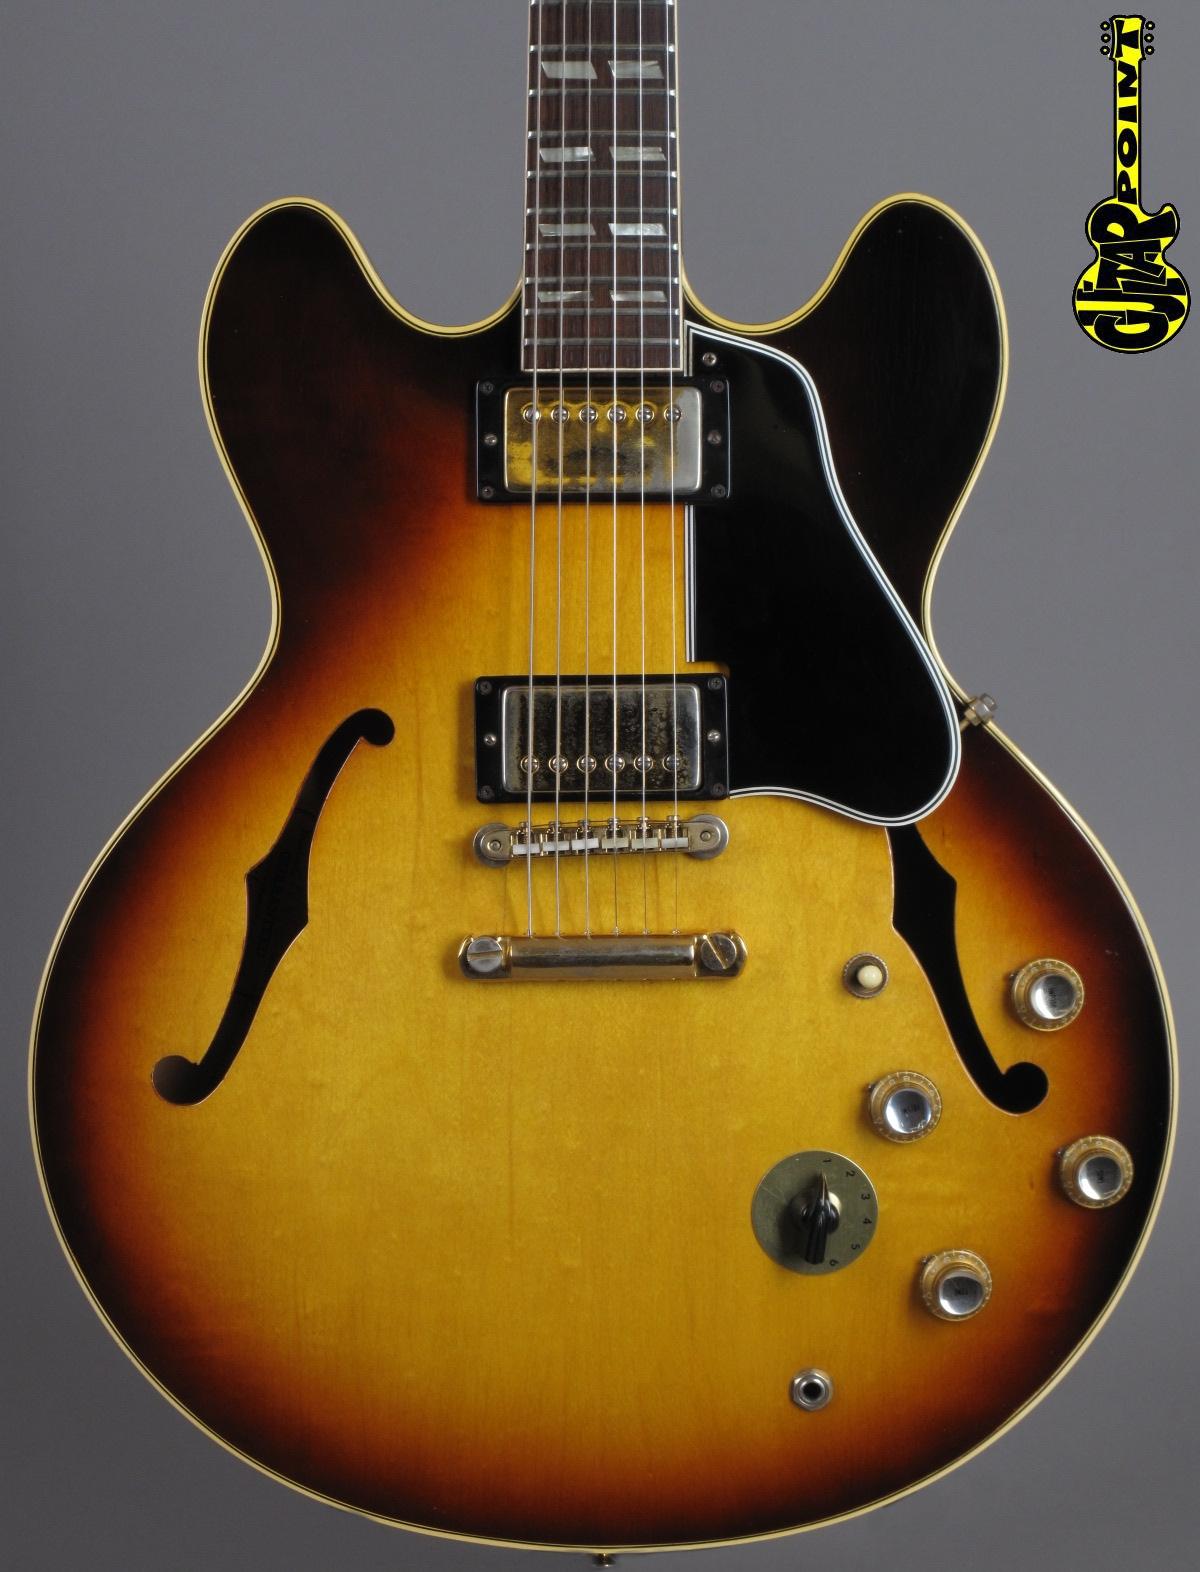 1964 Gibson ES-345 TD Stereo - Sunburst